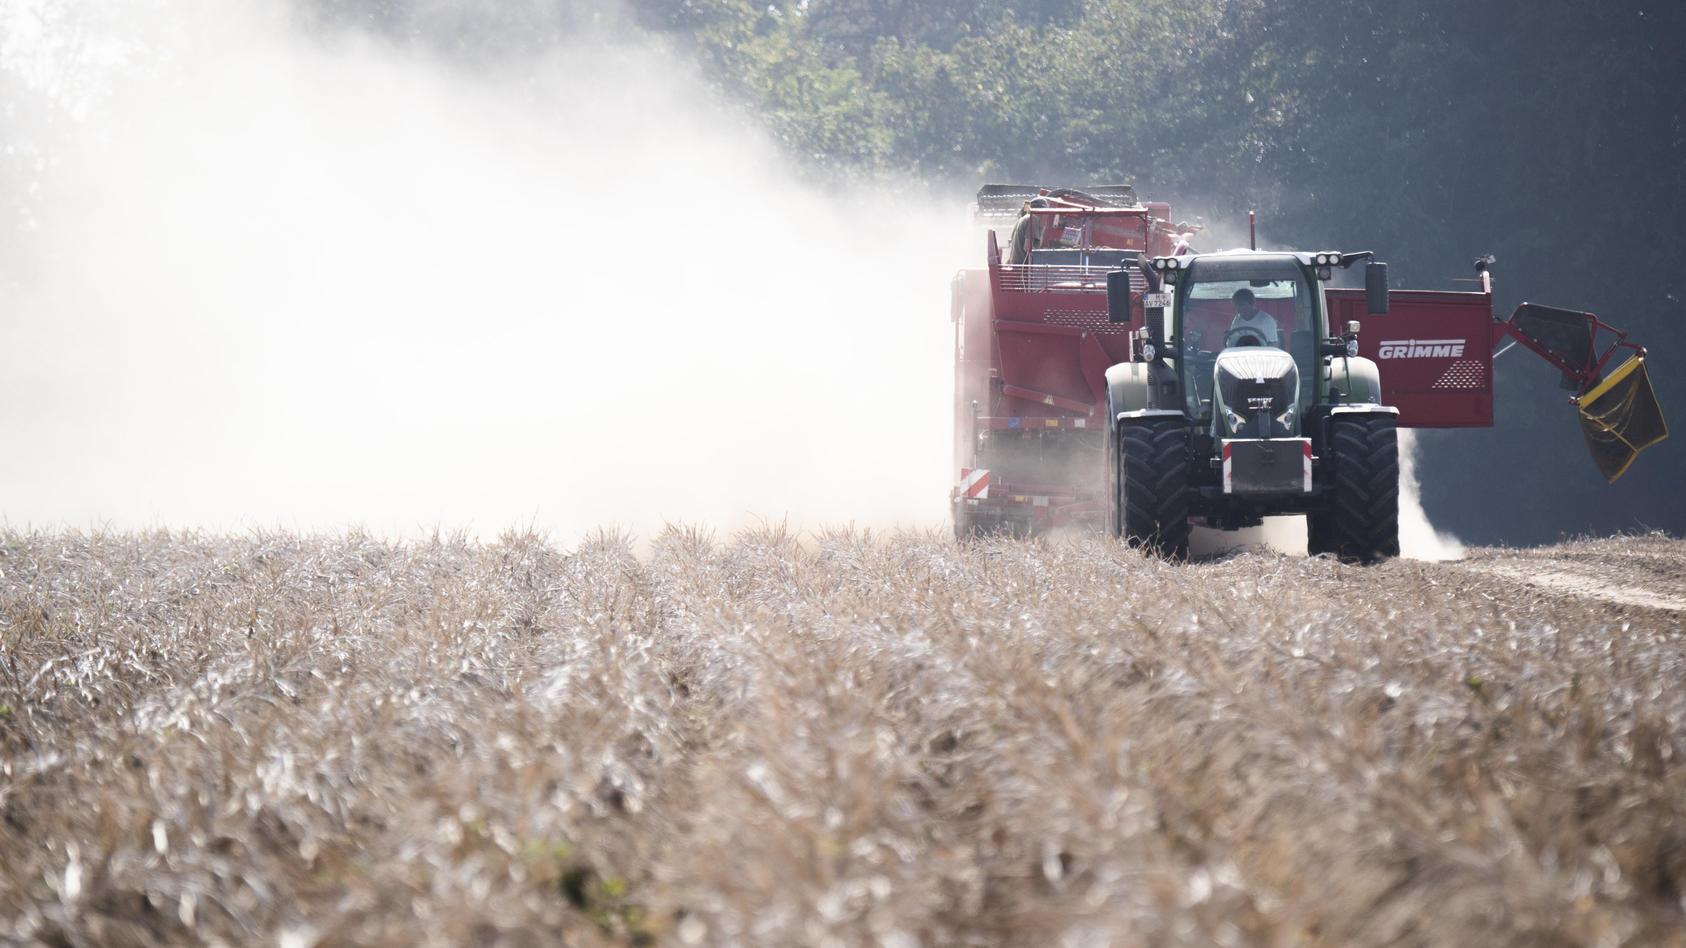 Trockenheit bereitet Landwirtschaft Probleme